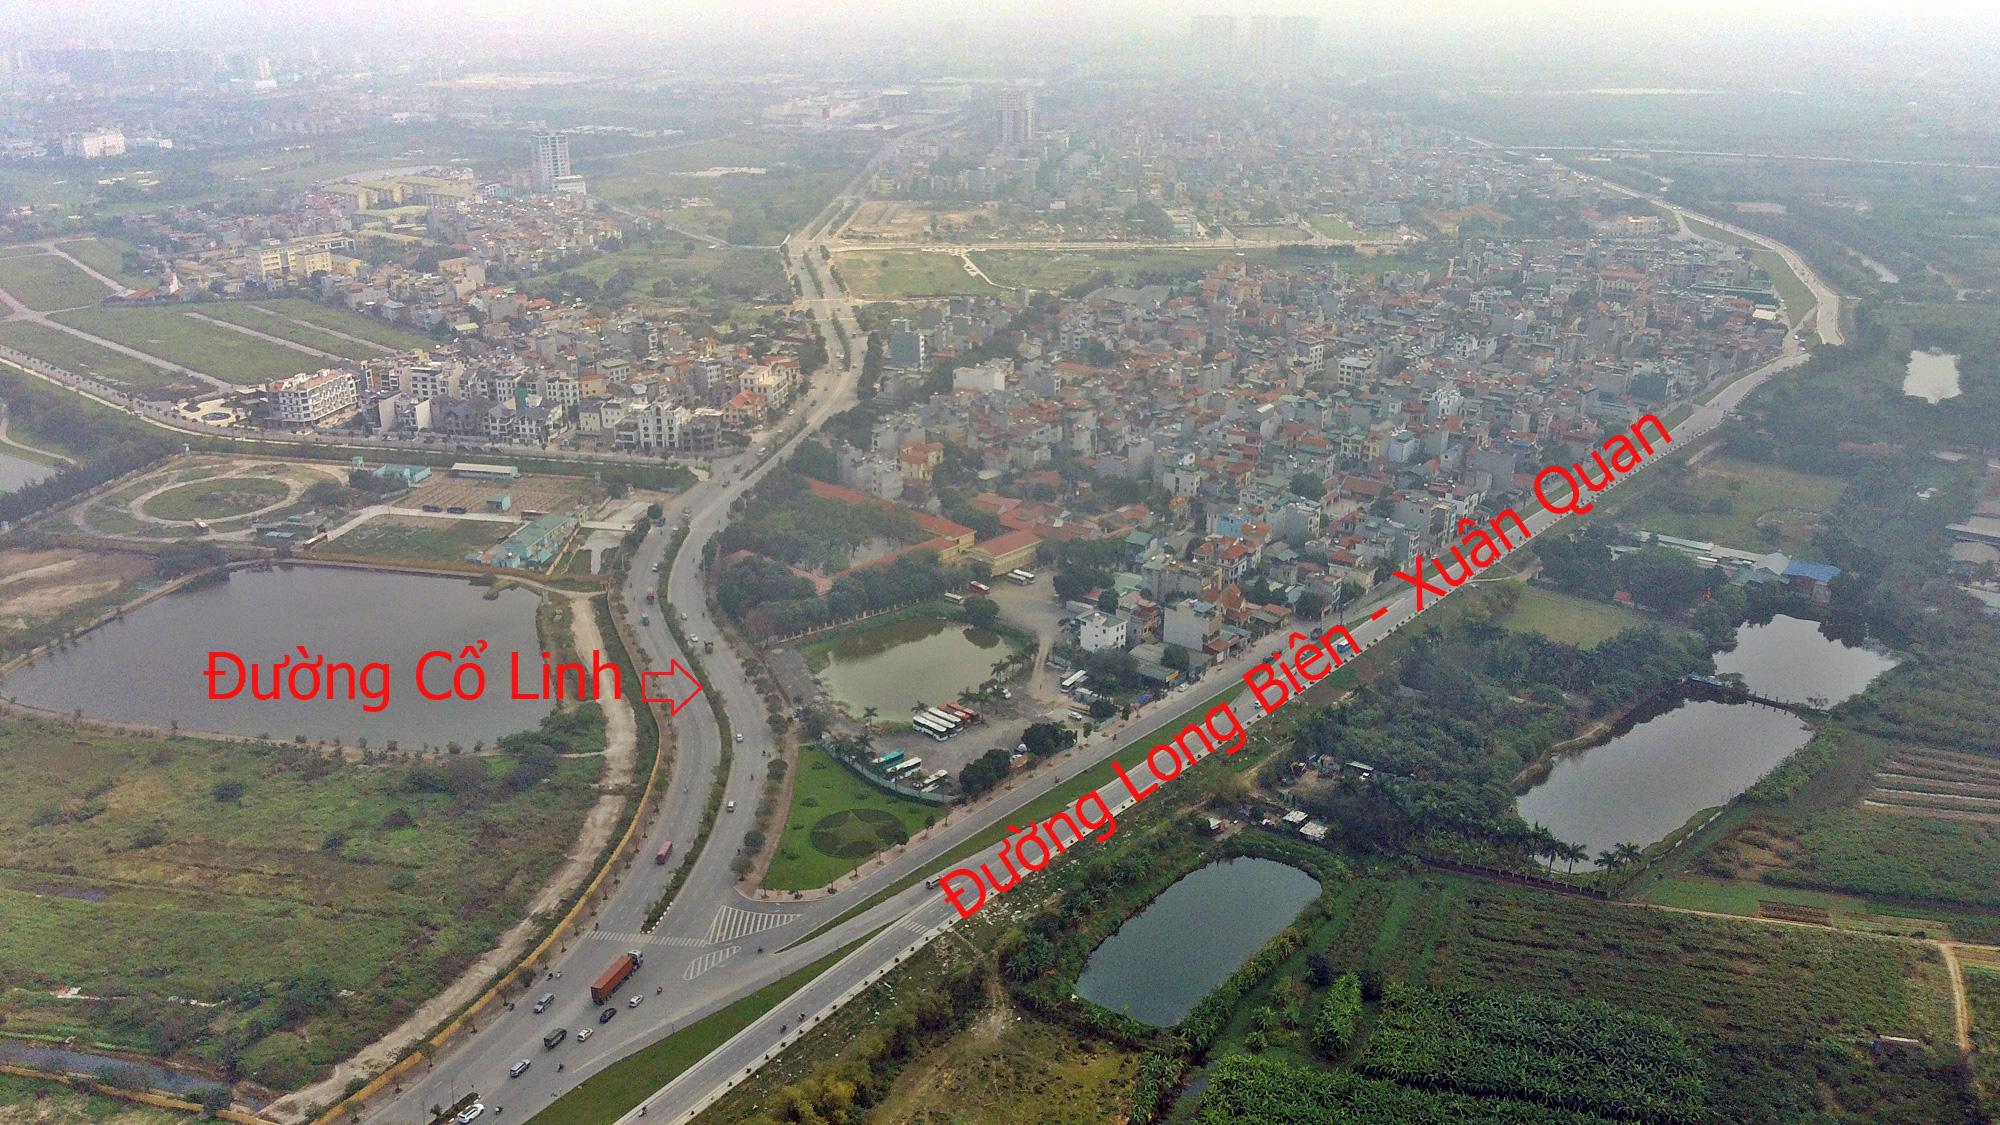 Cầu sẽ mở theo qui hoạch ở Hà Nội: Toàn cảnh cầu/hầm Trần Hưng Đạo nối quận Hoàn Kiếm - Long Biên - Ảnh 9.